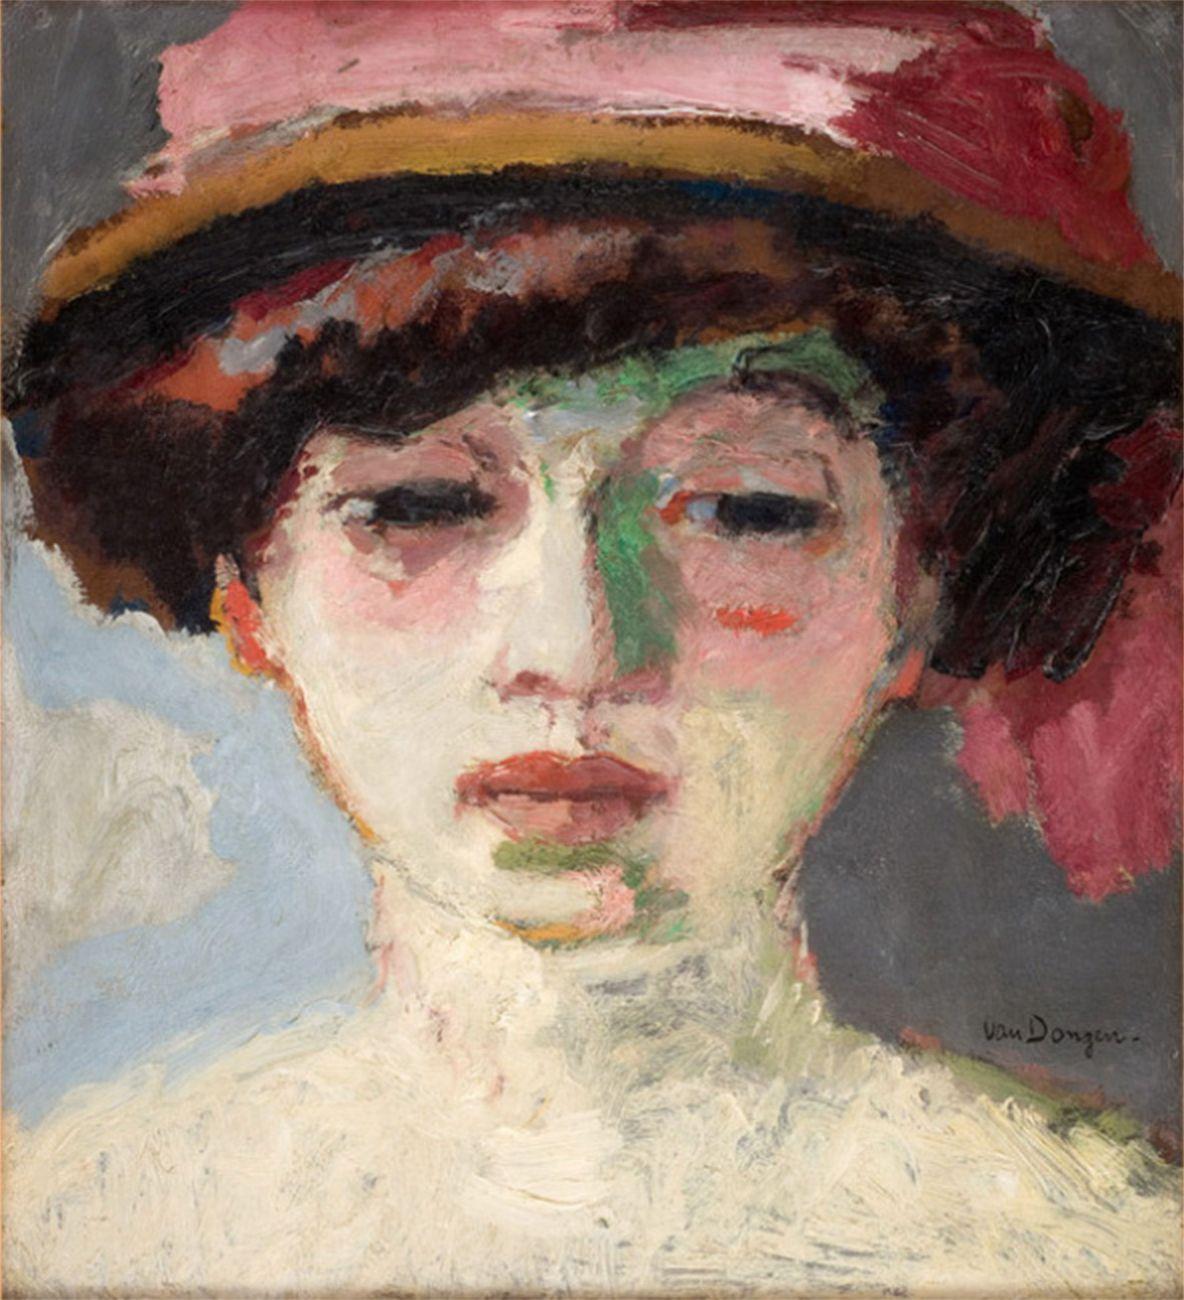 Kees van Dongen, Ritratto di Fernande Olivier, 1907, Musée Fabre, Montpellier